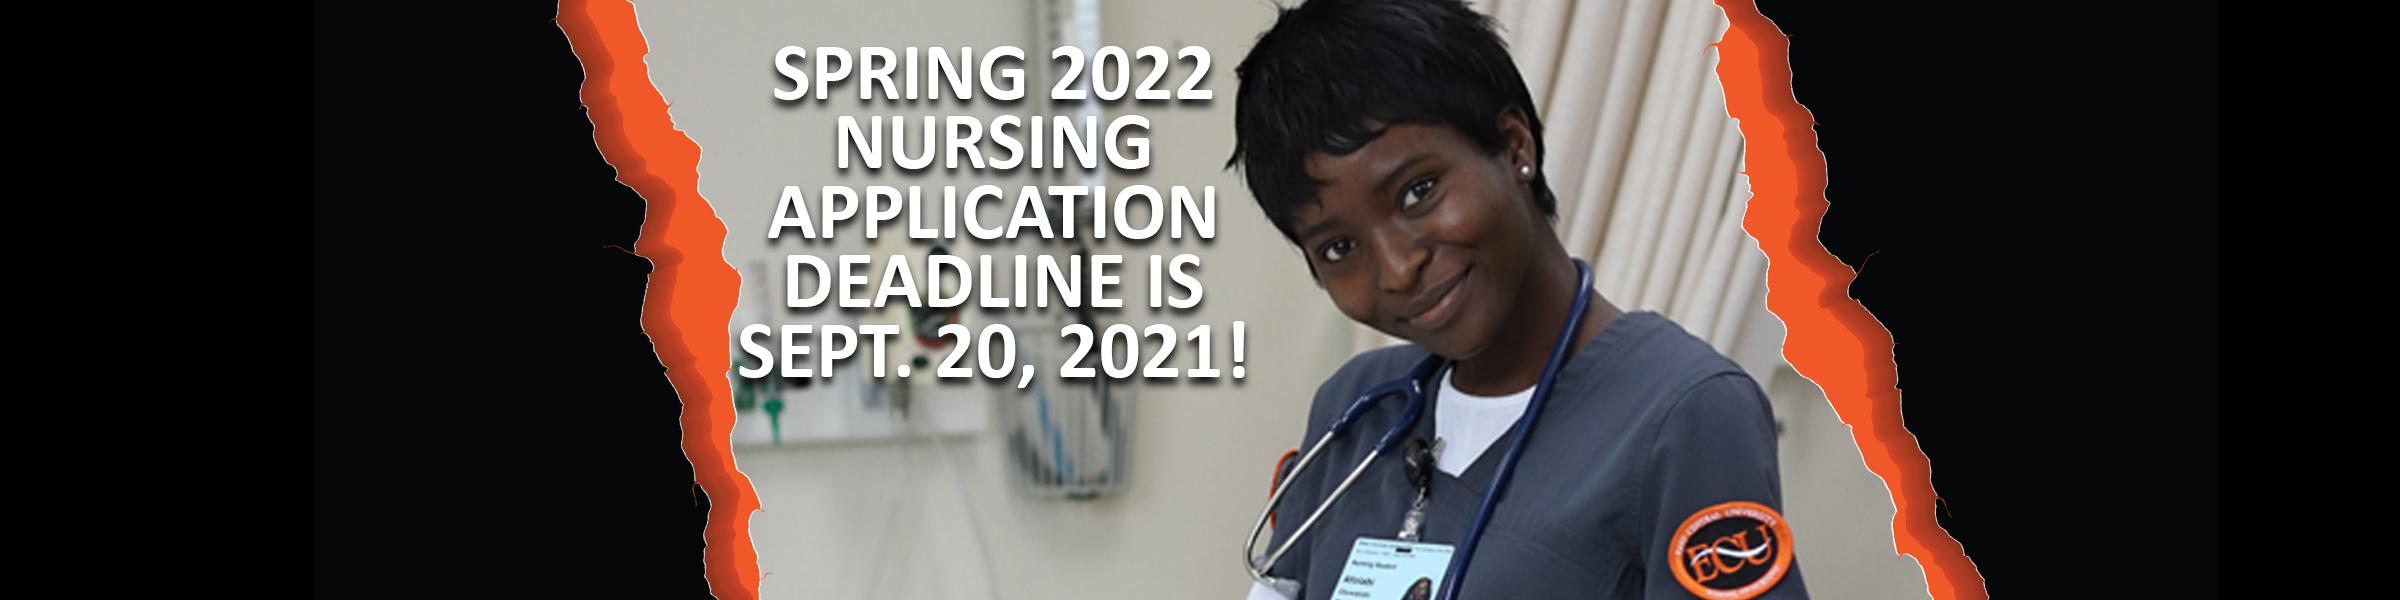 Nursing deadline is Sept. 20, 2021